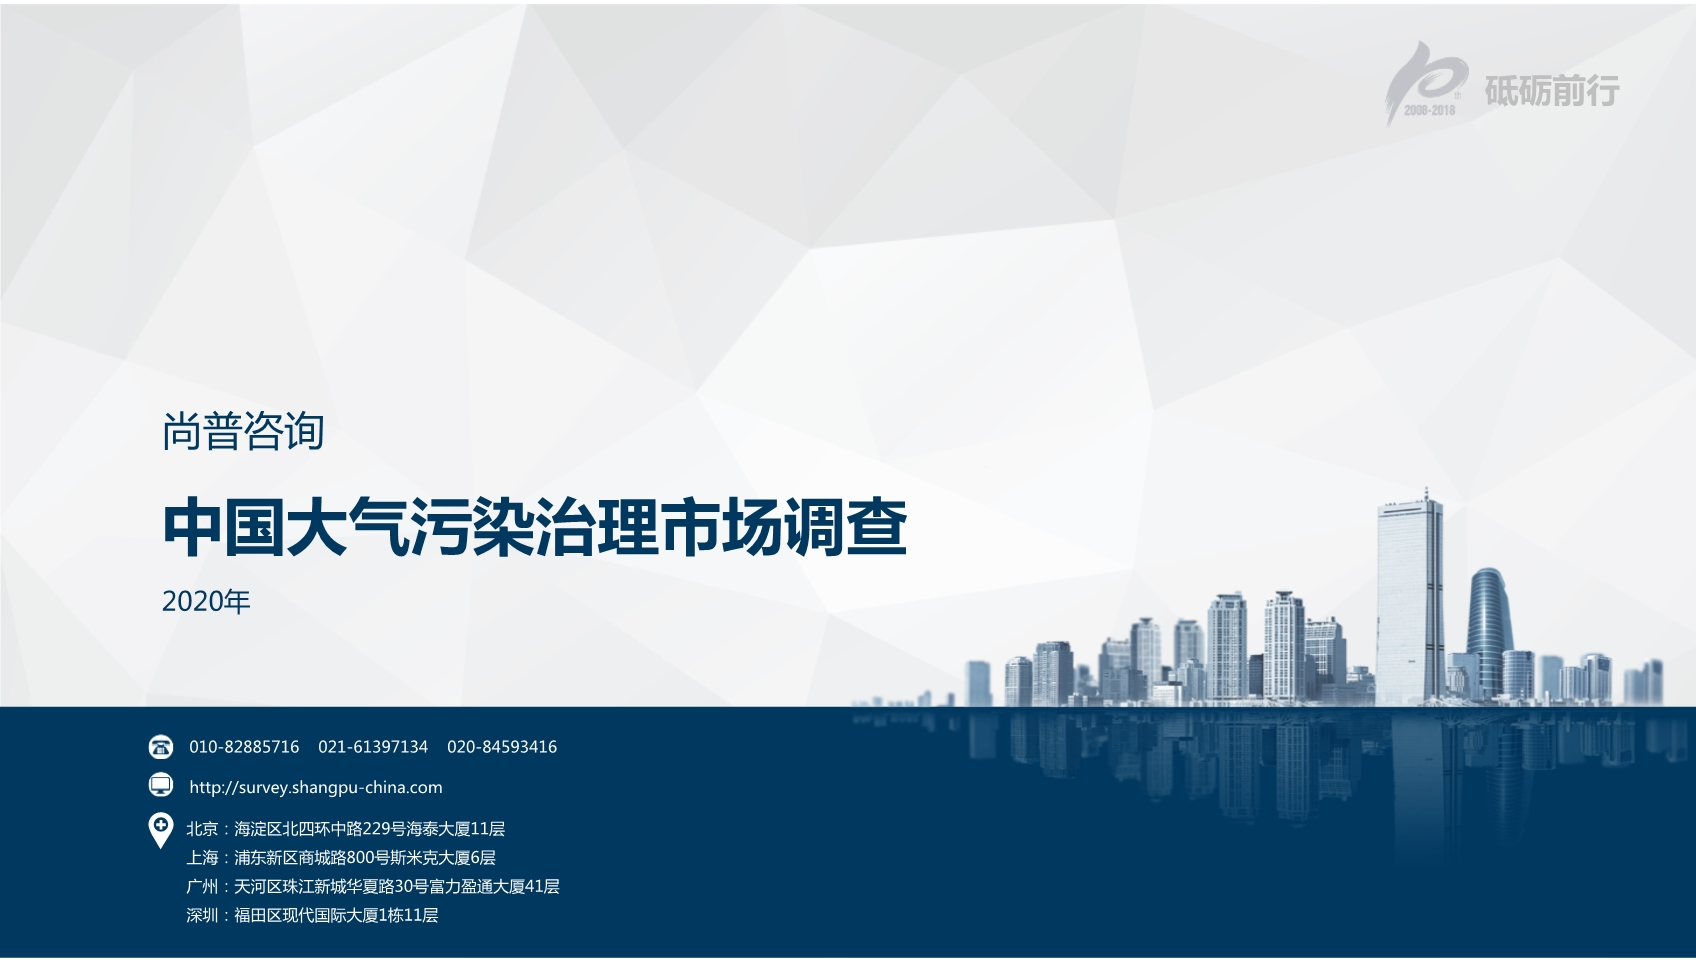 尚普咨询:2020年中国大气污染治理市场调查